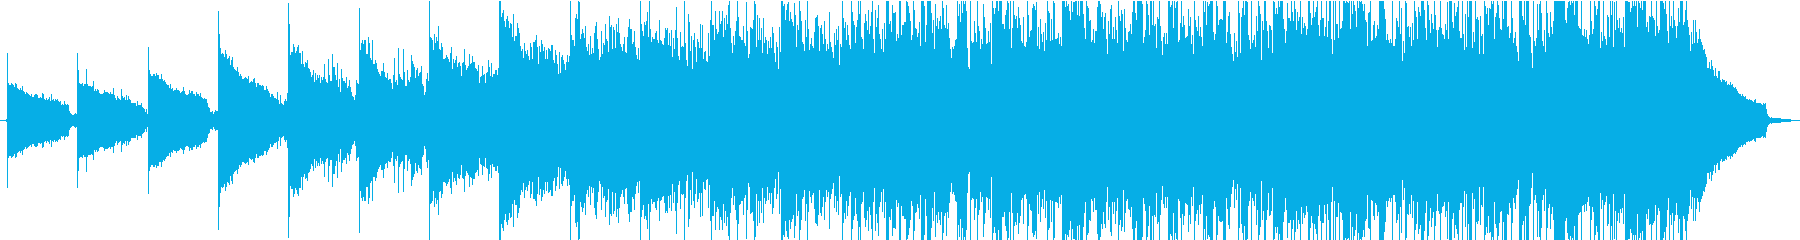 大気と壮大なチルアウト/プログレッ...の再生済みの波形